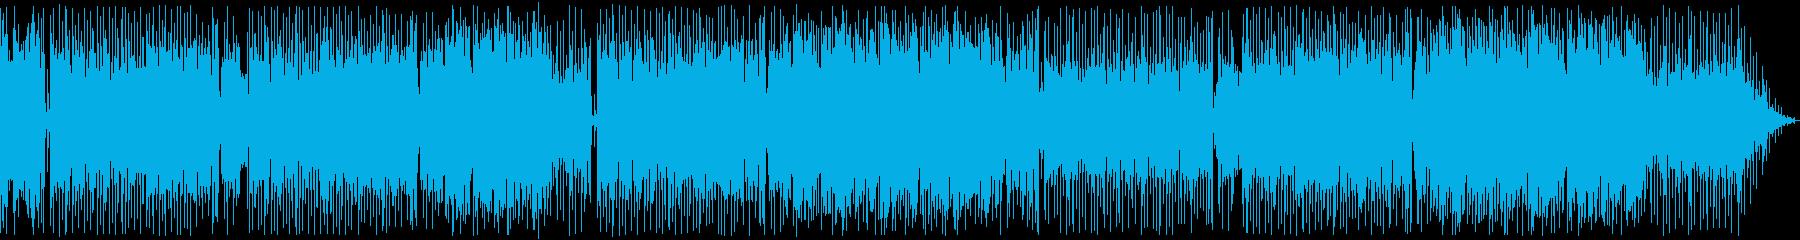 レトロな雰囲気のファンクポップの再生済みの波形